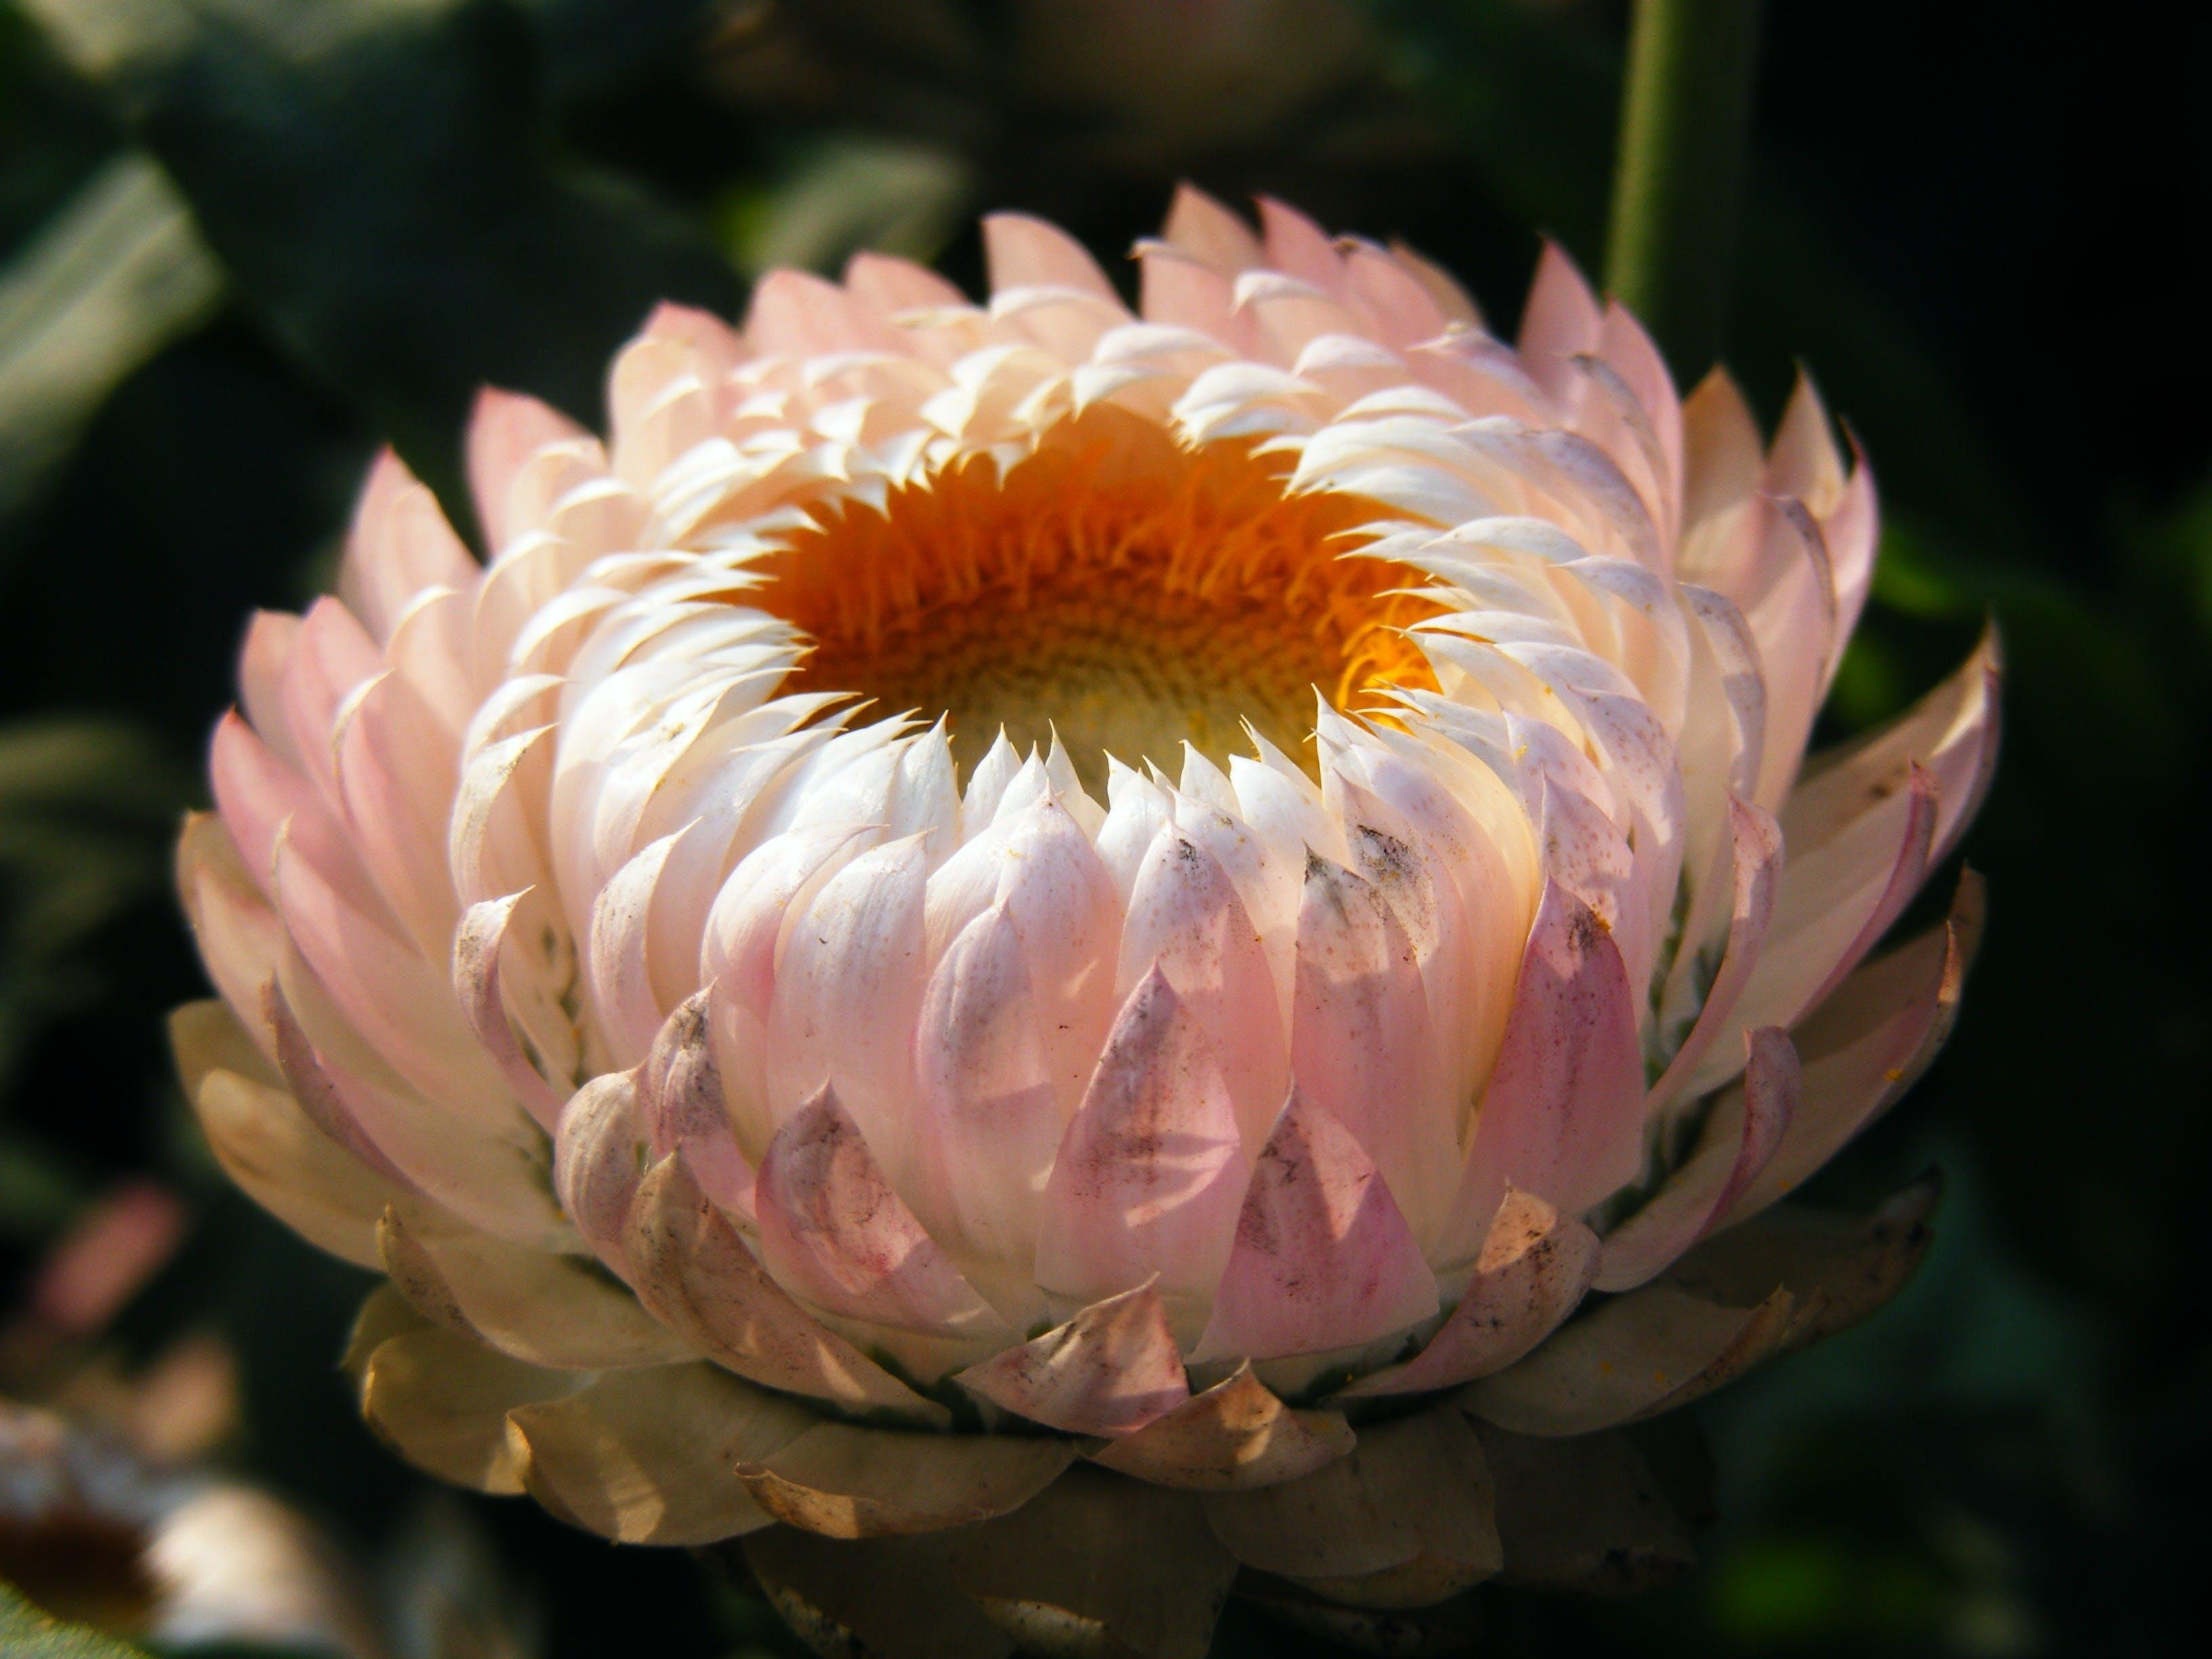 White Multipetal Flower